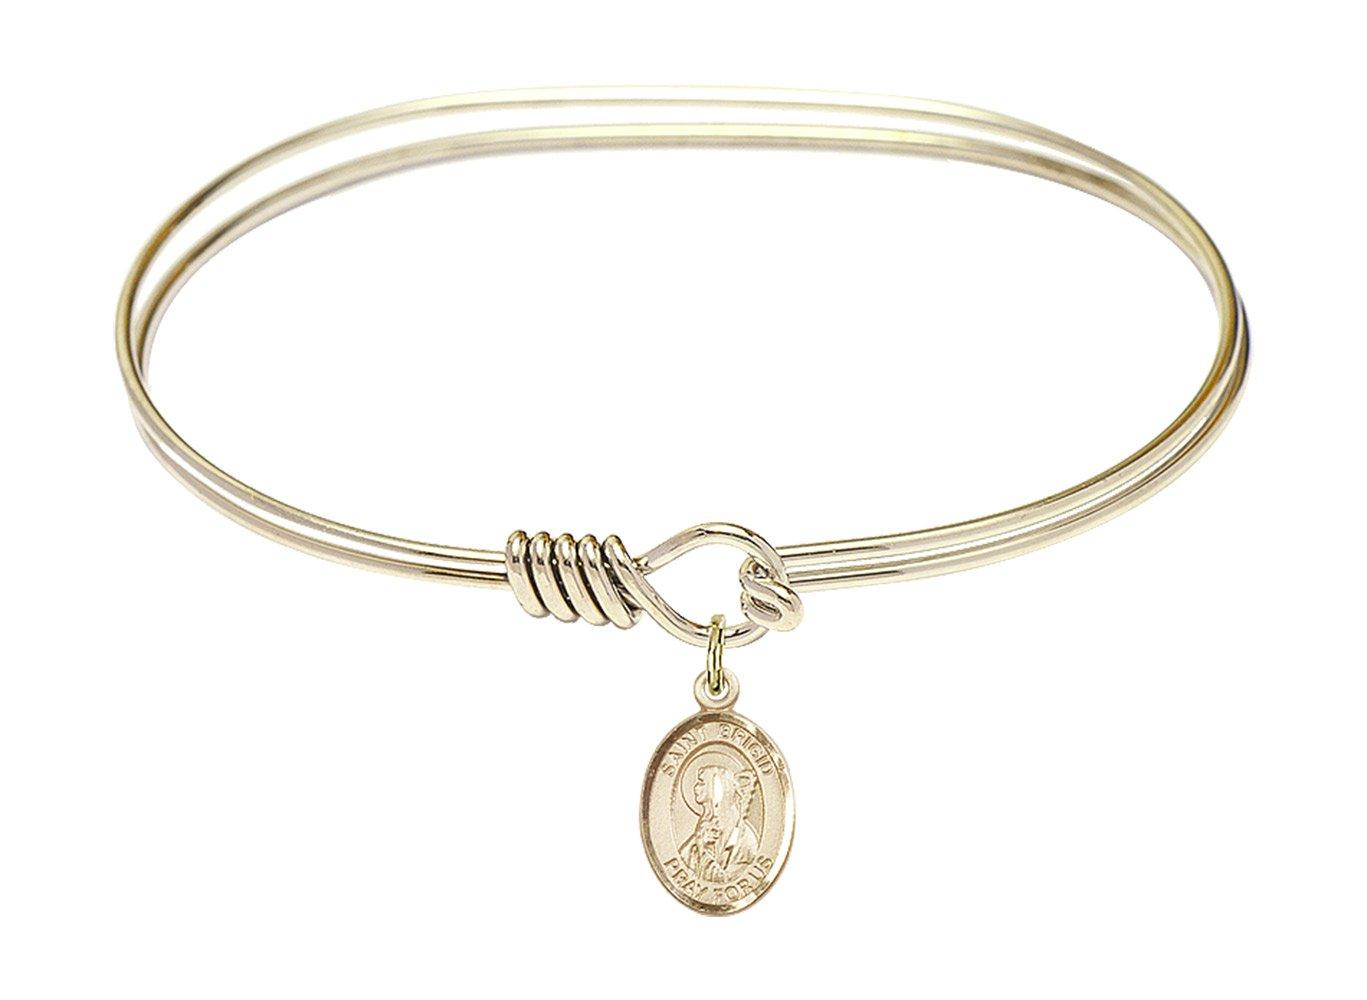 7 inch Oval Eye Hook Bangle Bracelet w/St. Brigid of Ireland in Gold-Filled